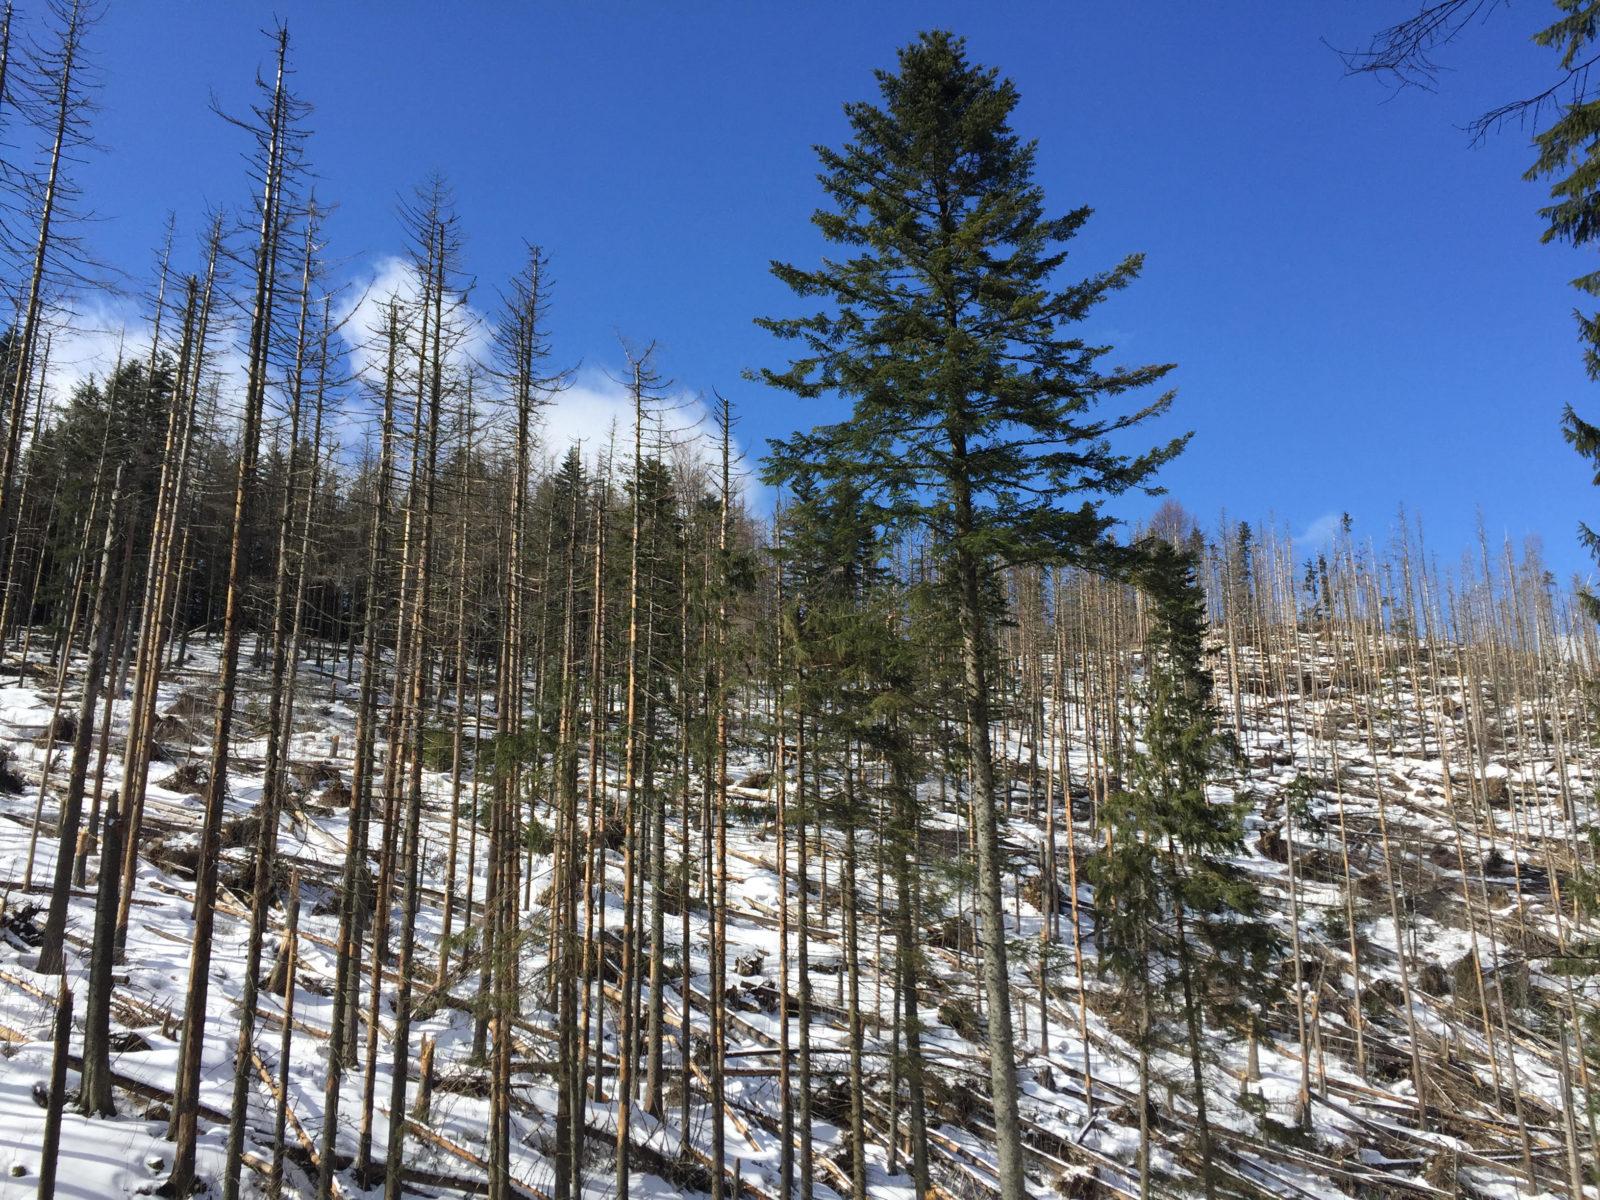 W ekosystemach skruszone, połamane, nieraz martwe drzewa pełnią niezwykle ważną rolę. Tworzą m.in.warunki, bymniejsze drzewa mogły się bezpiecznie rozwijać. Zakopane, marzec 2020.